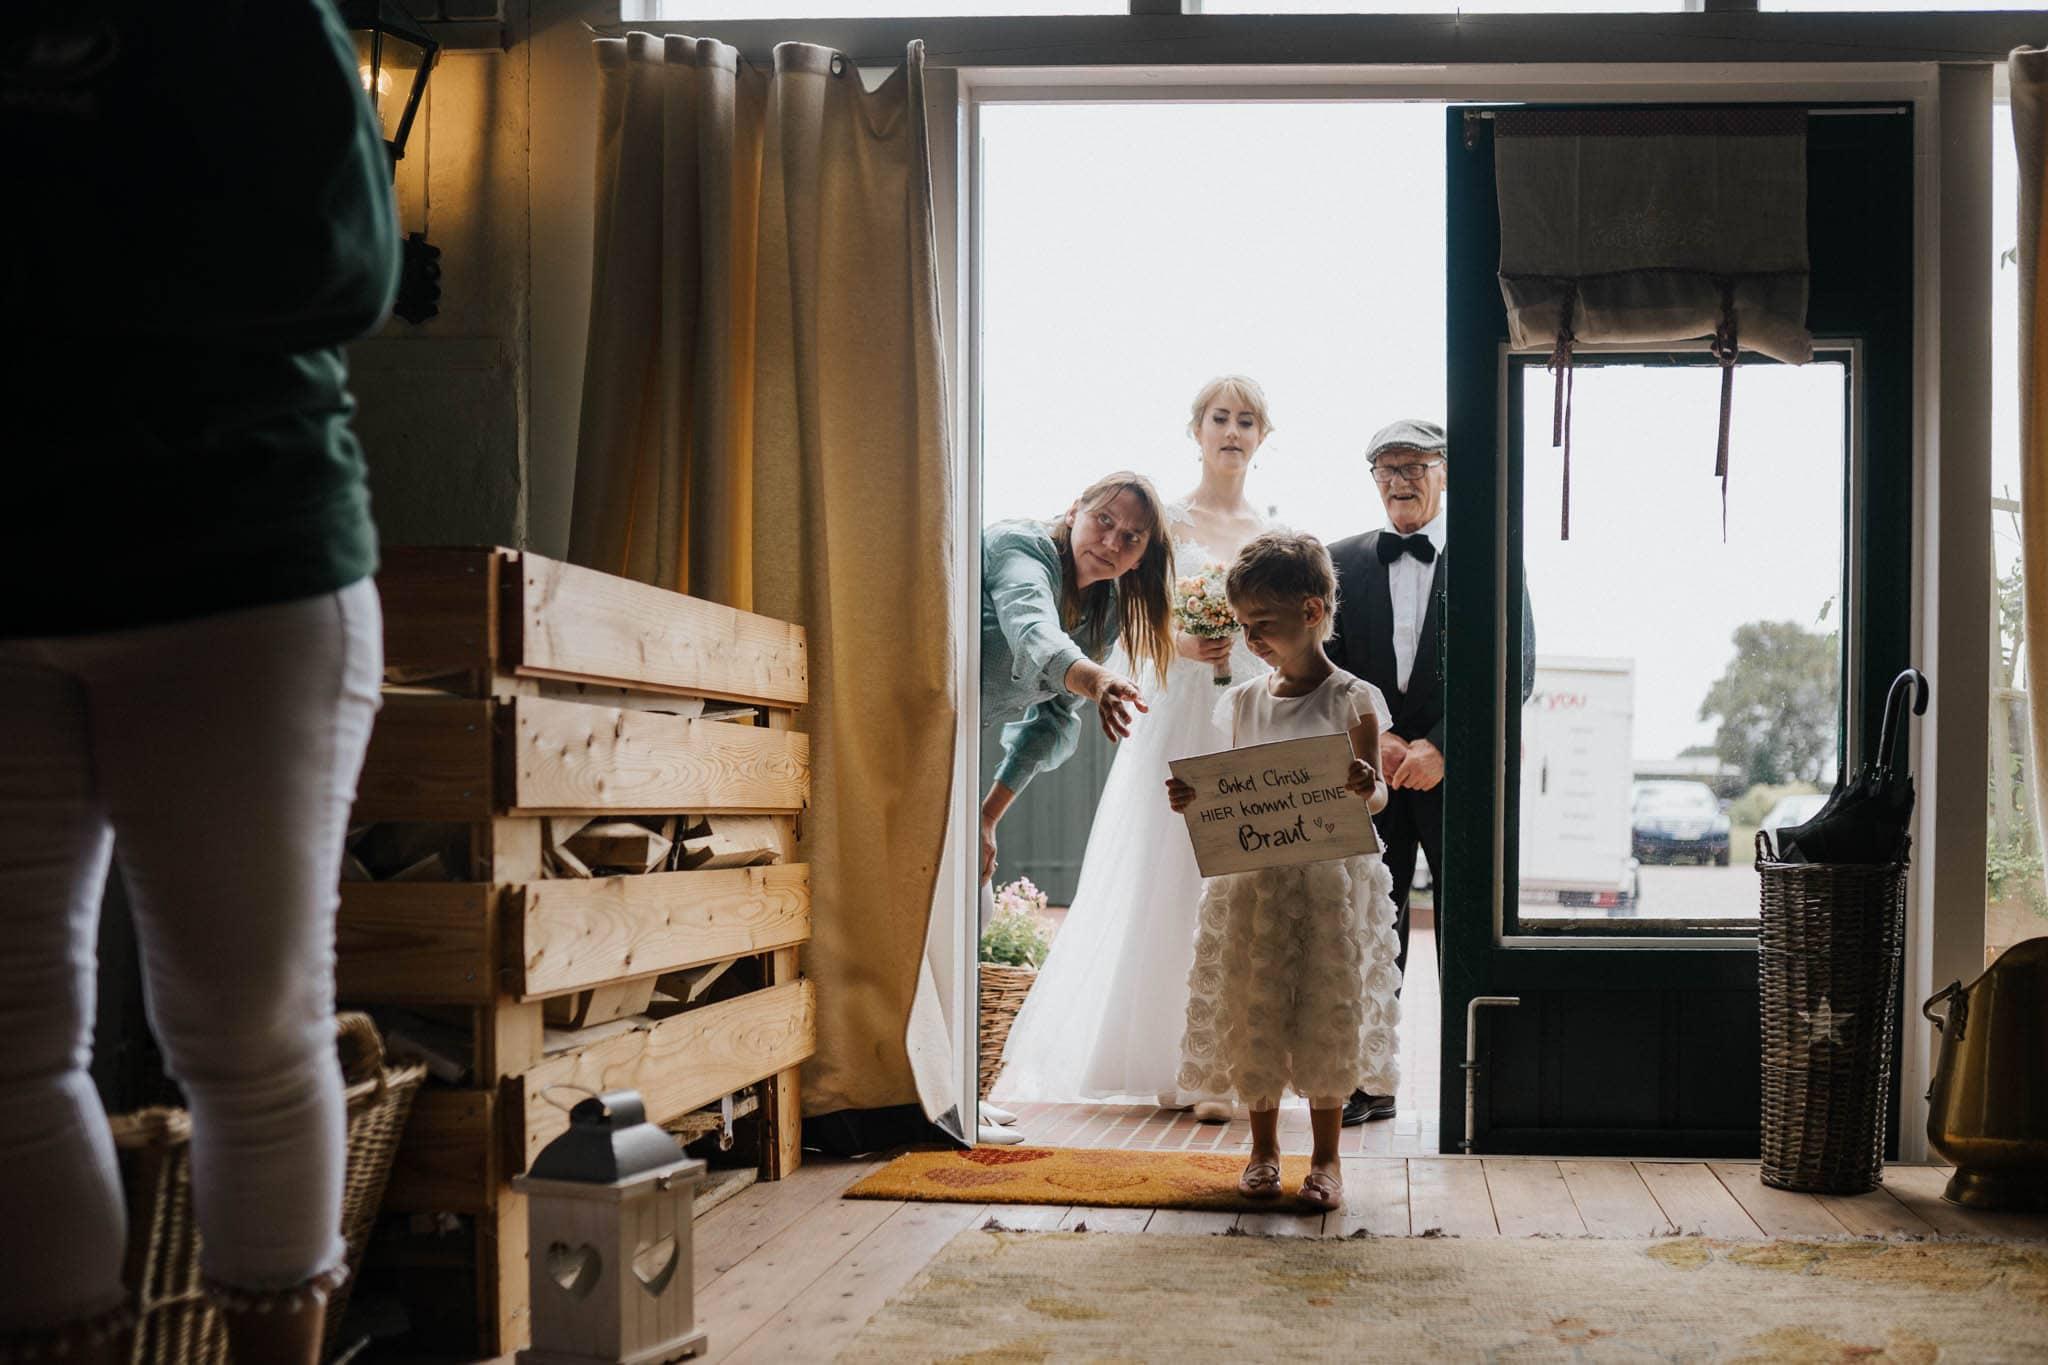 Hochzeitsfieber by Photo-Schomburg, Hoichzeitsfotograf, Hamburg, Wedding, Weddingtime, Hochzeitspaar, Braut, Bräutigam, Hochzeit im Norden,-39